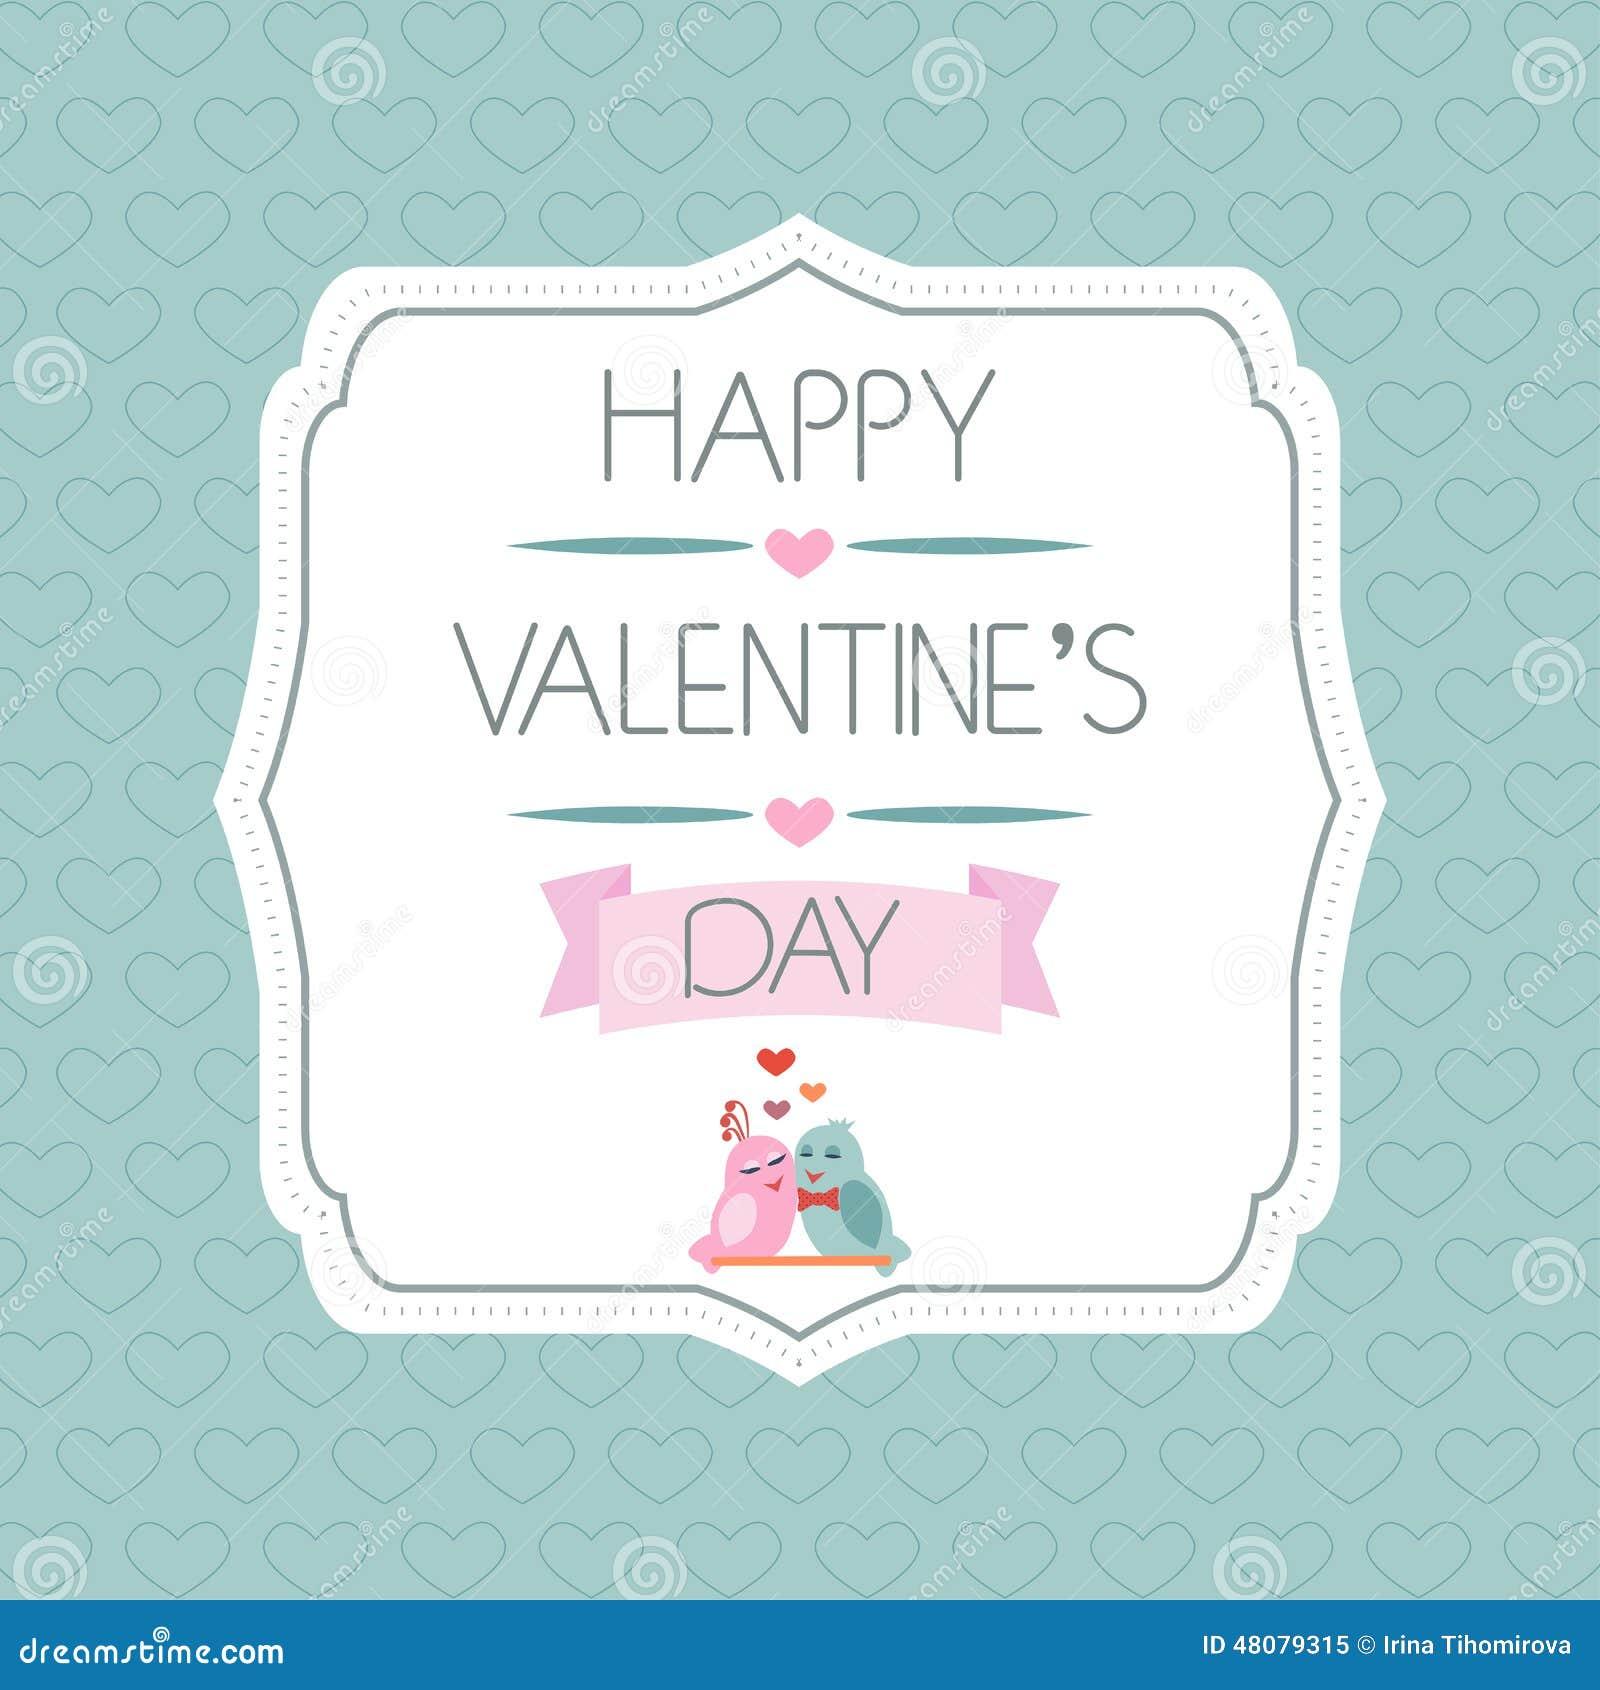 Glückwünsche Zum Valentinstag Kennsatz Vögel Farbband Typographie Vektor